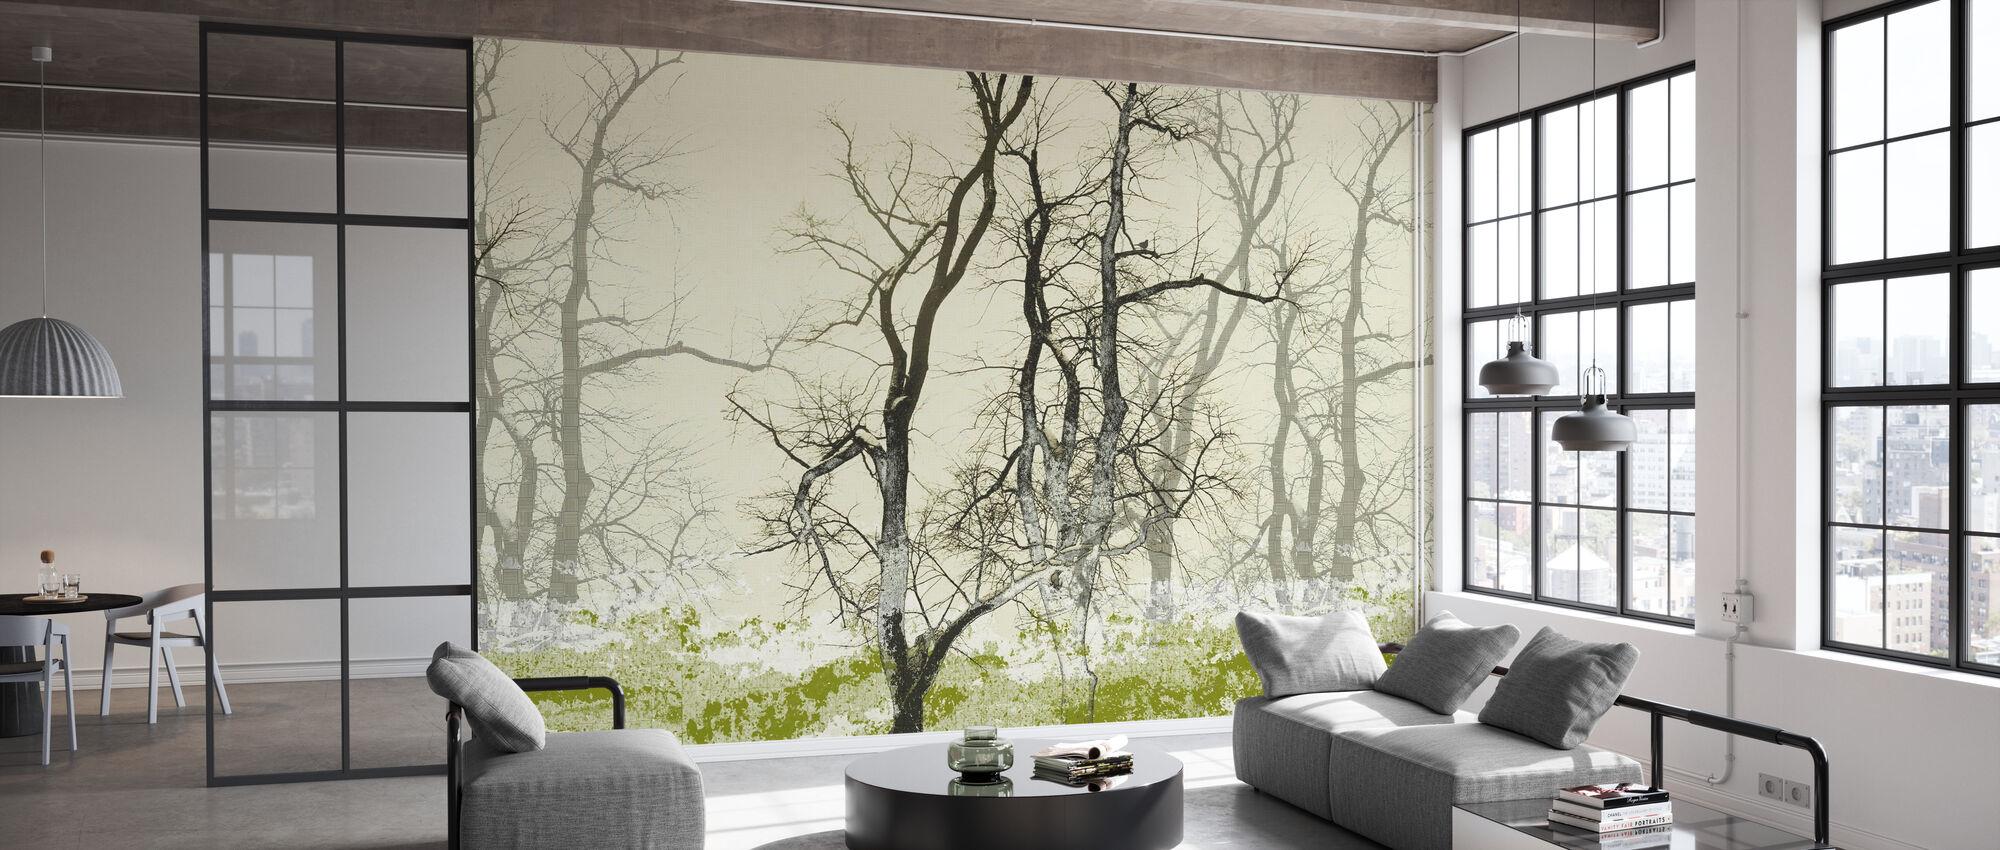 Wander Land Moss - Wallpaper - Office